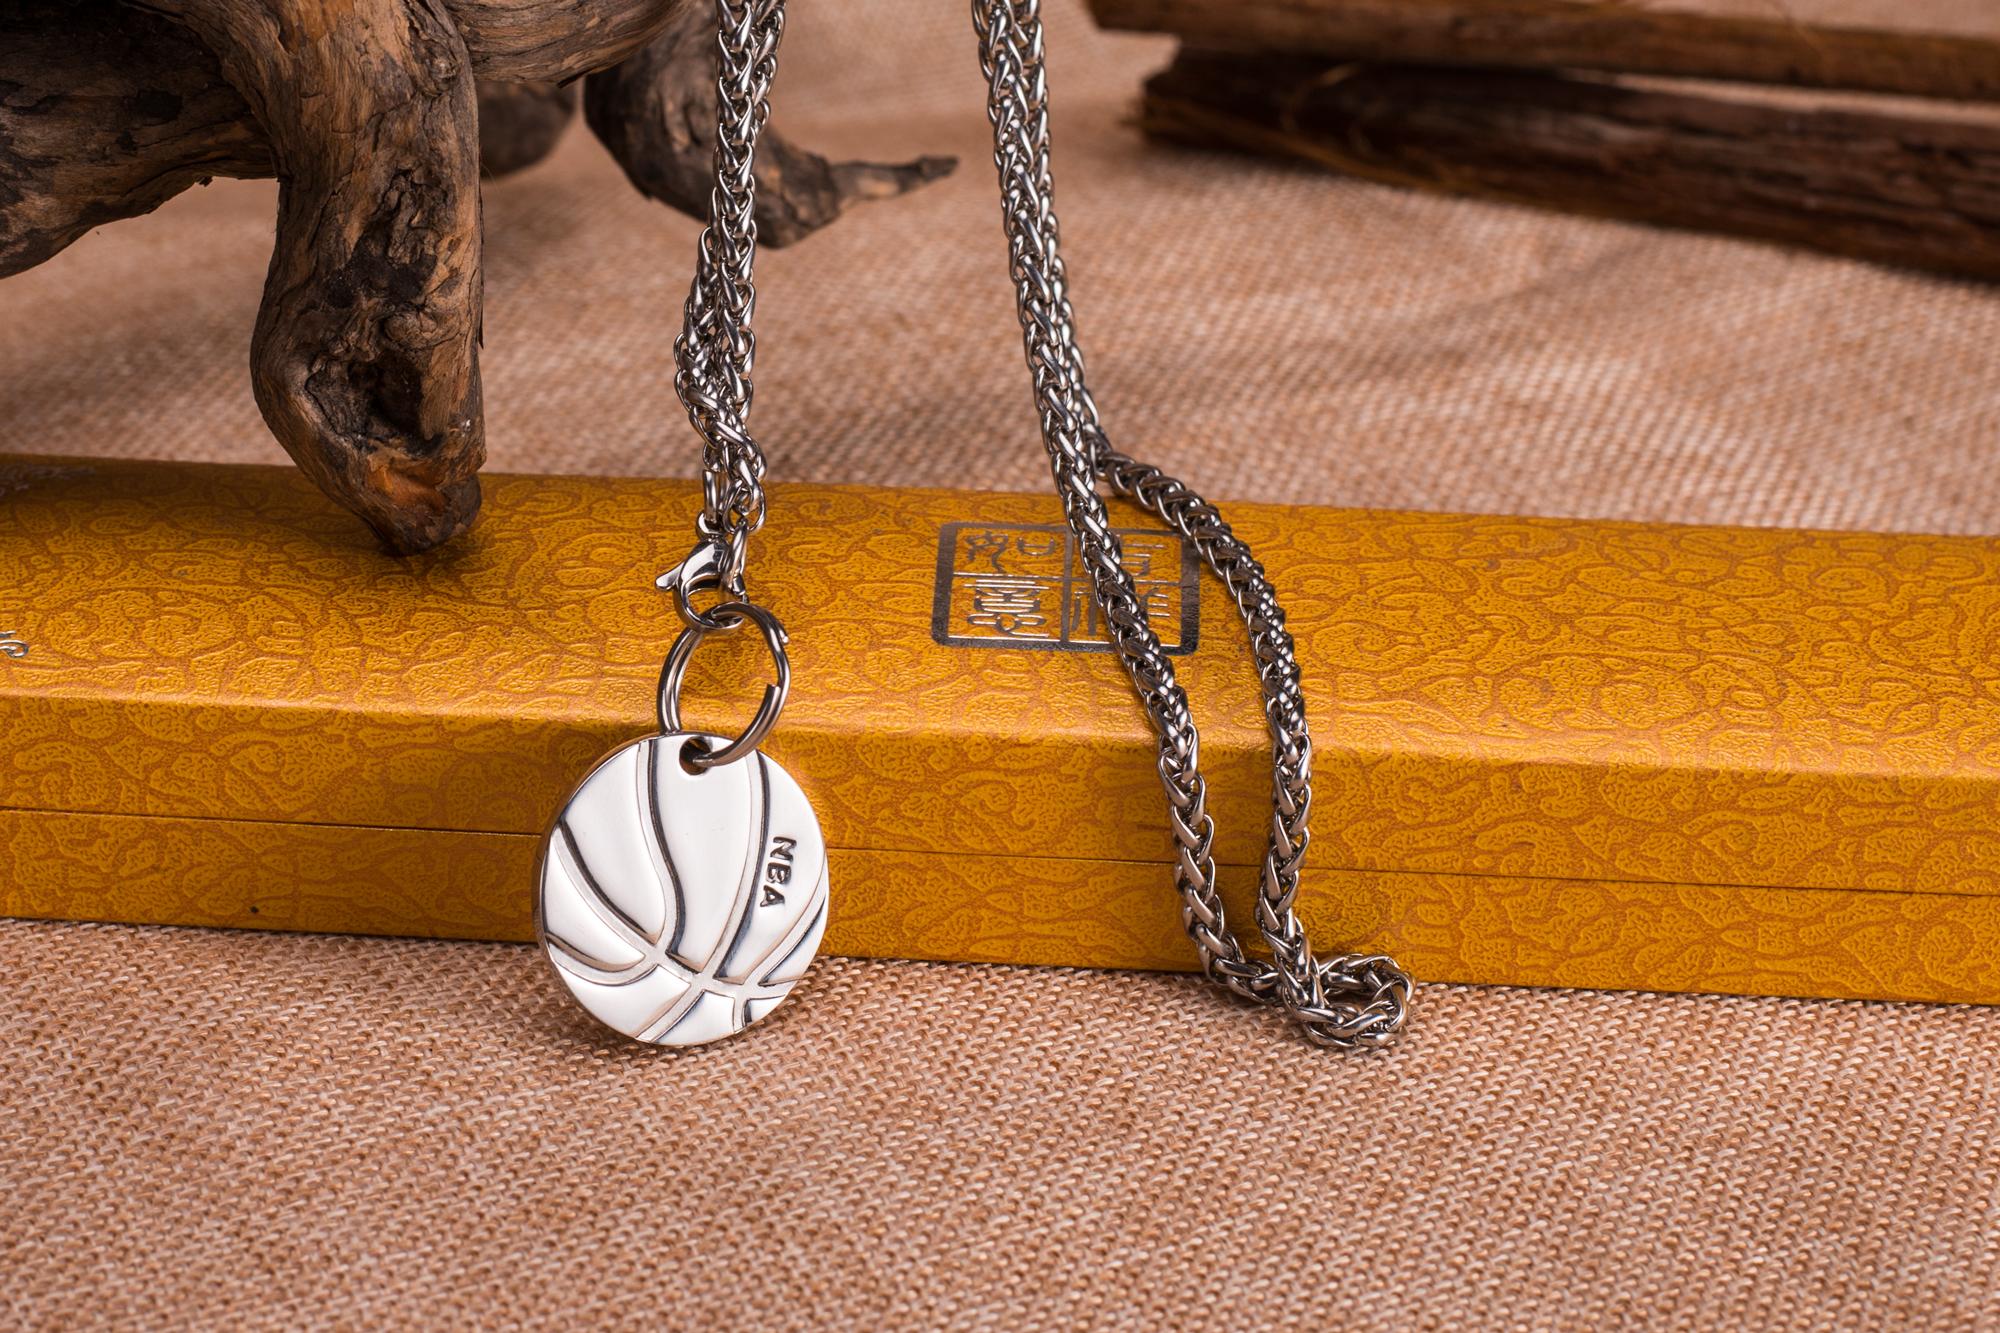 篮球配钛钢链 体育运动 篮球饰品 时尚饰品 尚饰品 尚饰品 供应篮球配钛钢链